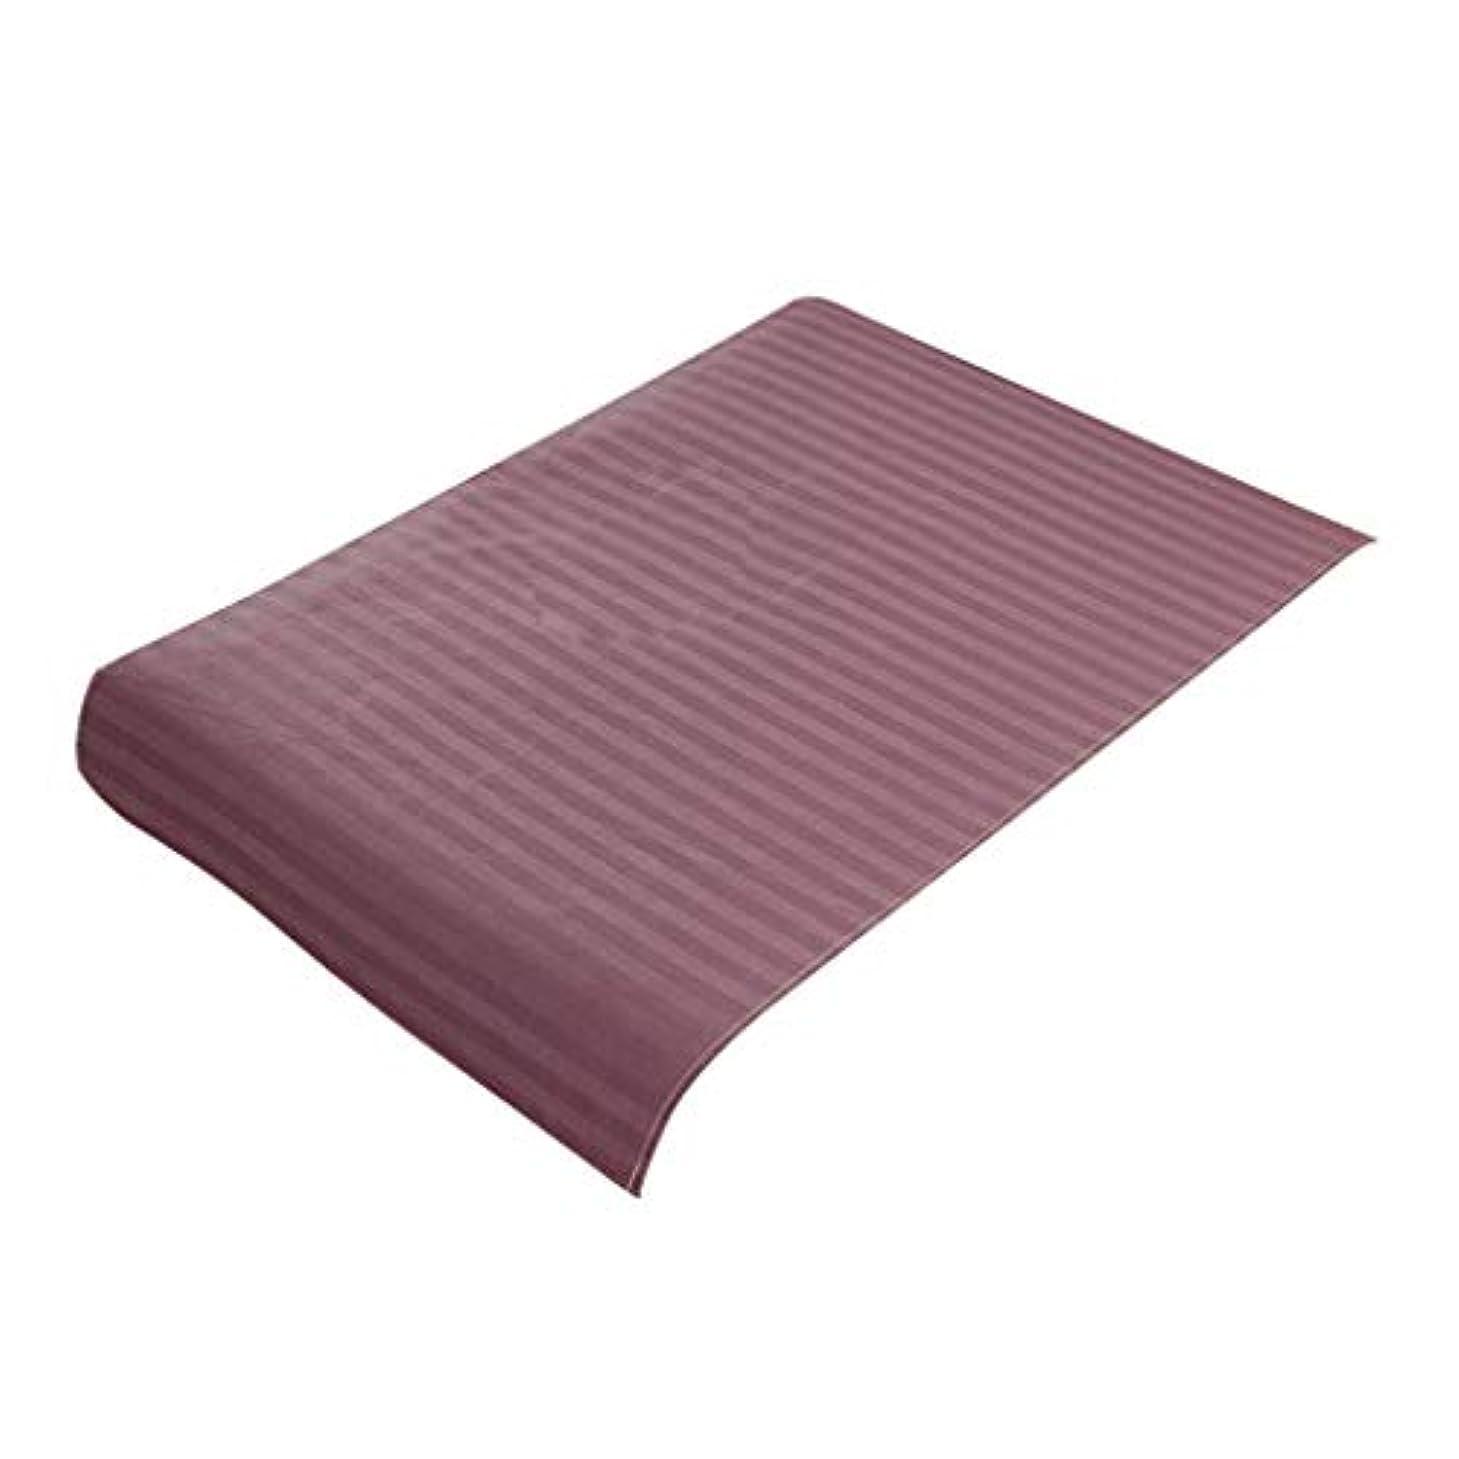 ゼロヶ月目狂人FLAMEER 美容ベッドカバー マッサージ台スカート コットン生地 スパ マッサージベッドカバー 全7色 - 紫